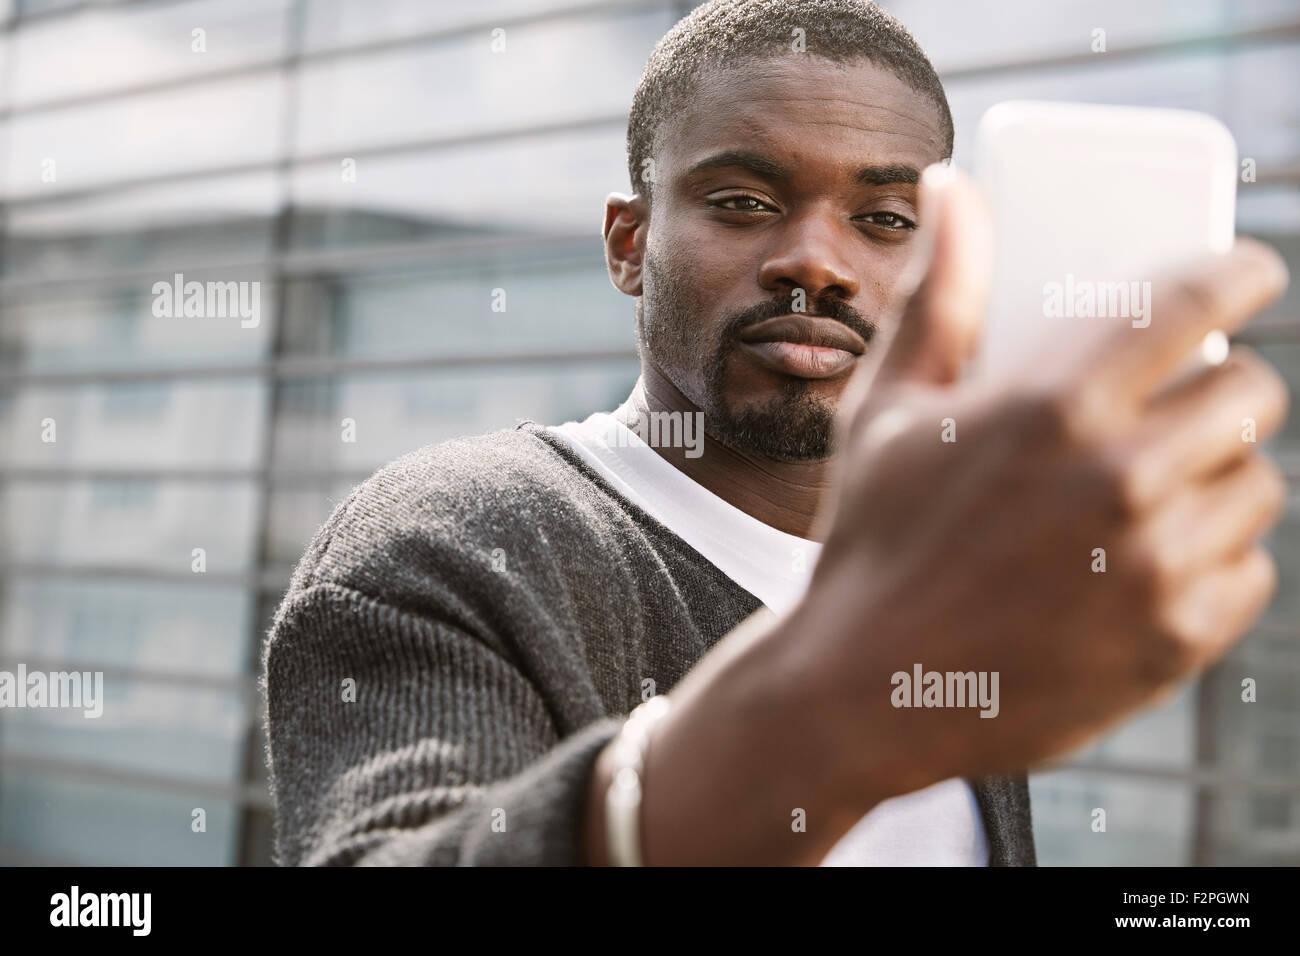 Giovane uomo prendendo un selfie all'aperto Immagini Stock